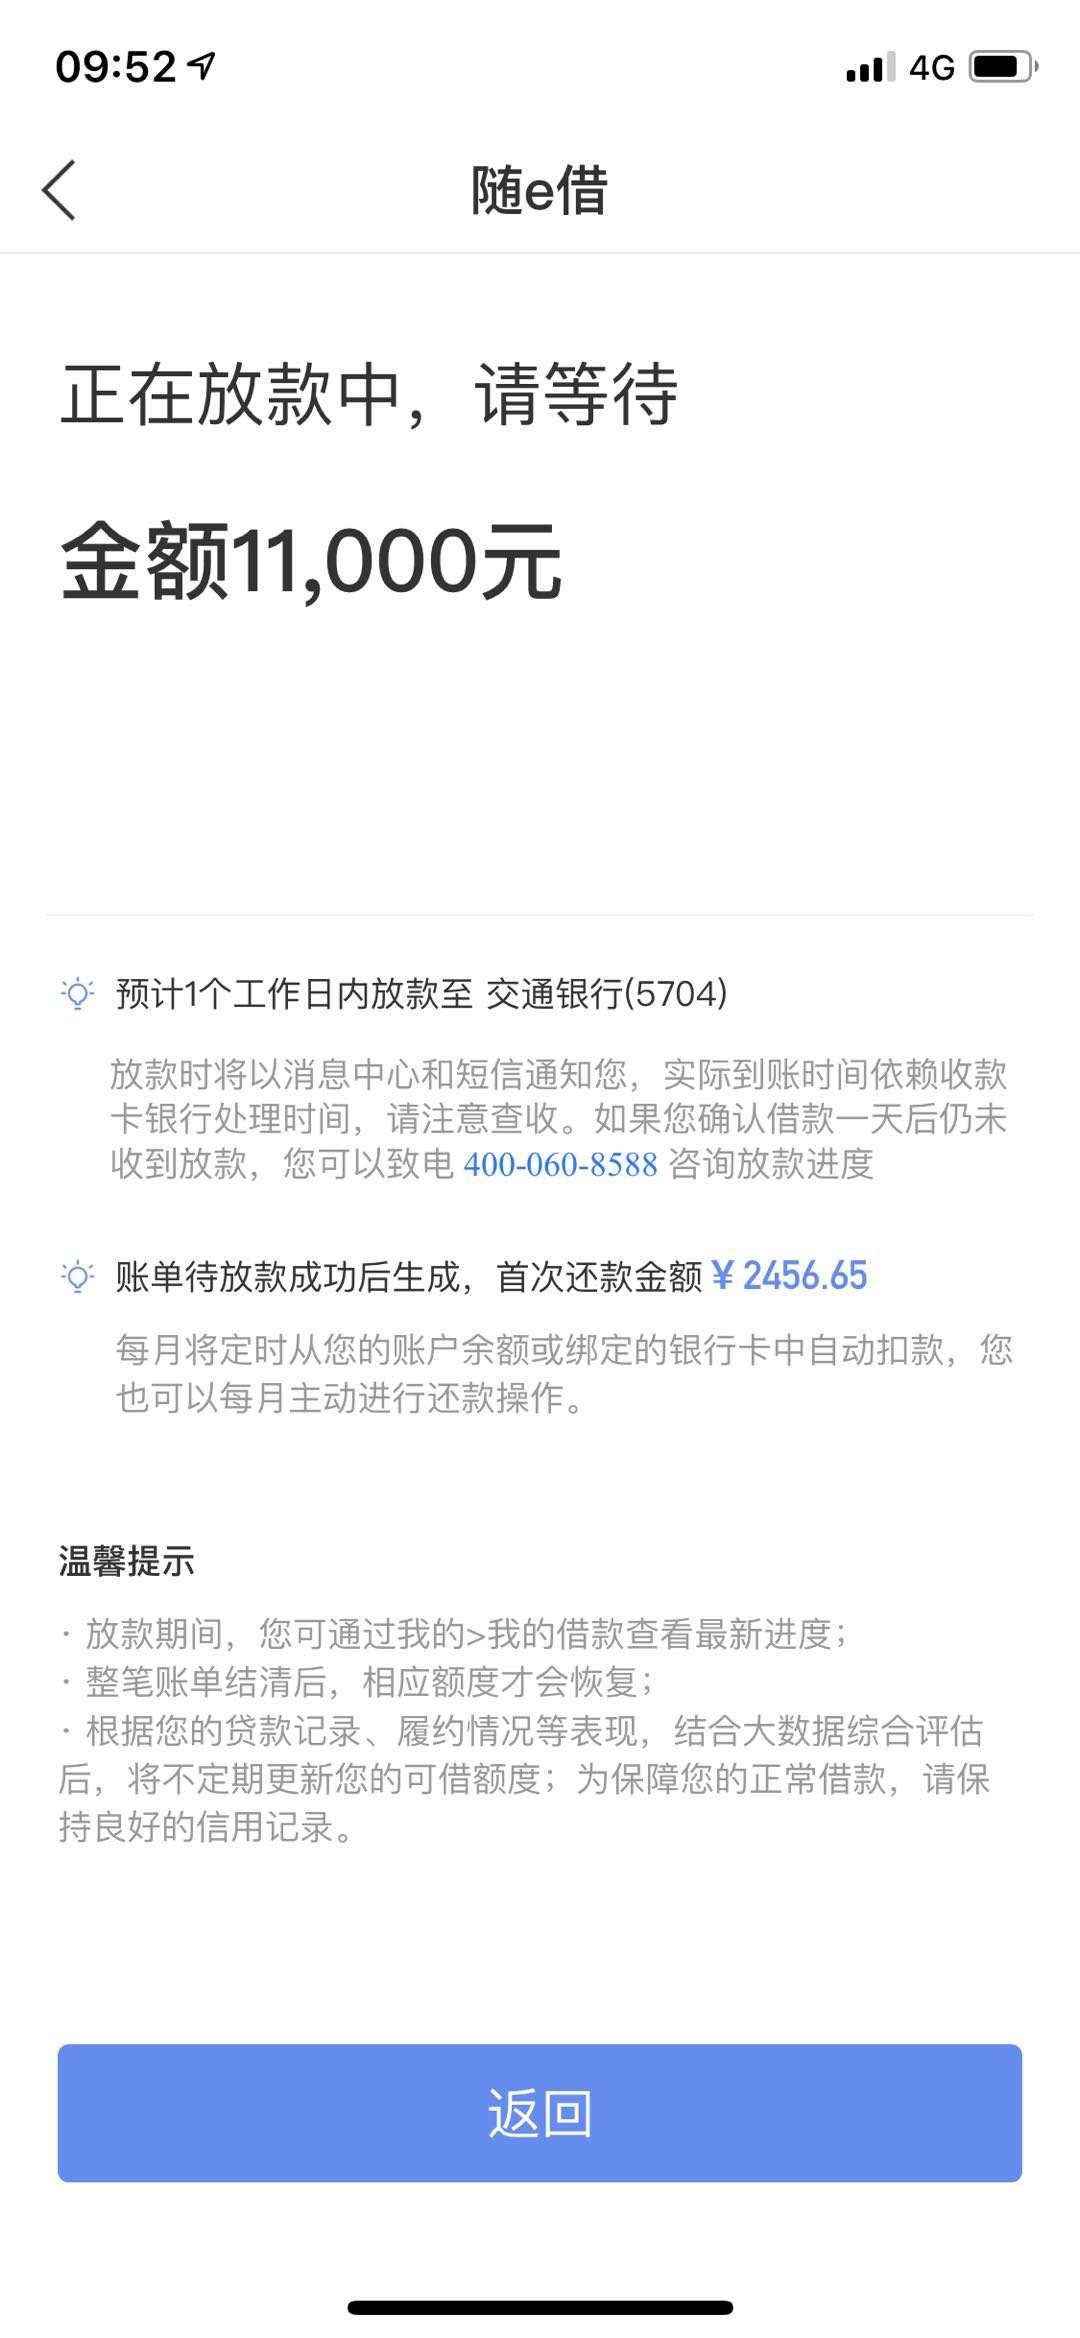 #随e借#凤凰金融旗下口子,新出炉下款图,征信微逾期老哥可...35 / 作者:卡农小蛋 /